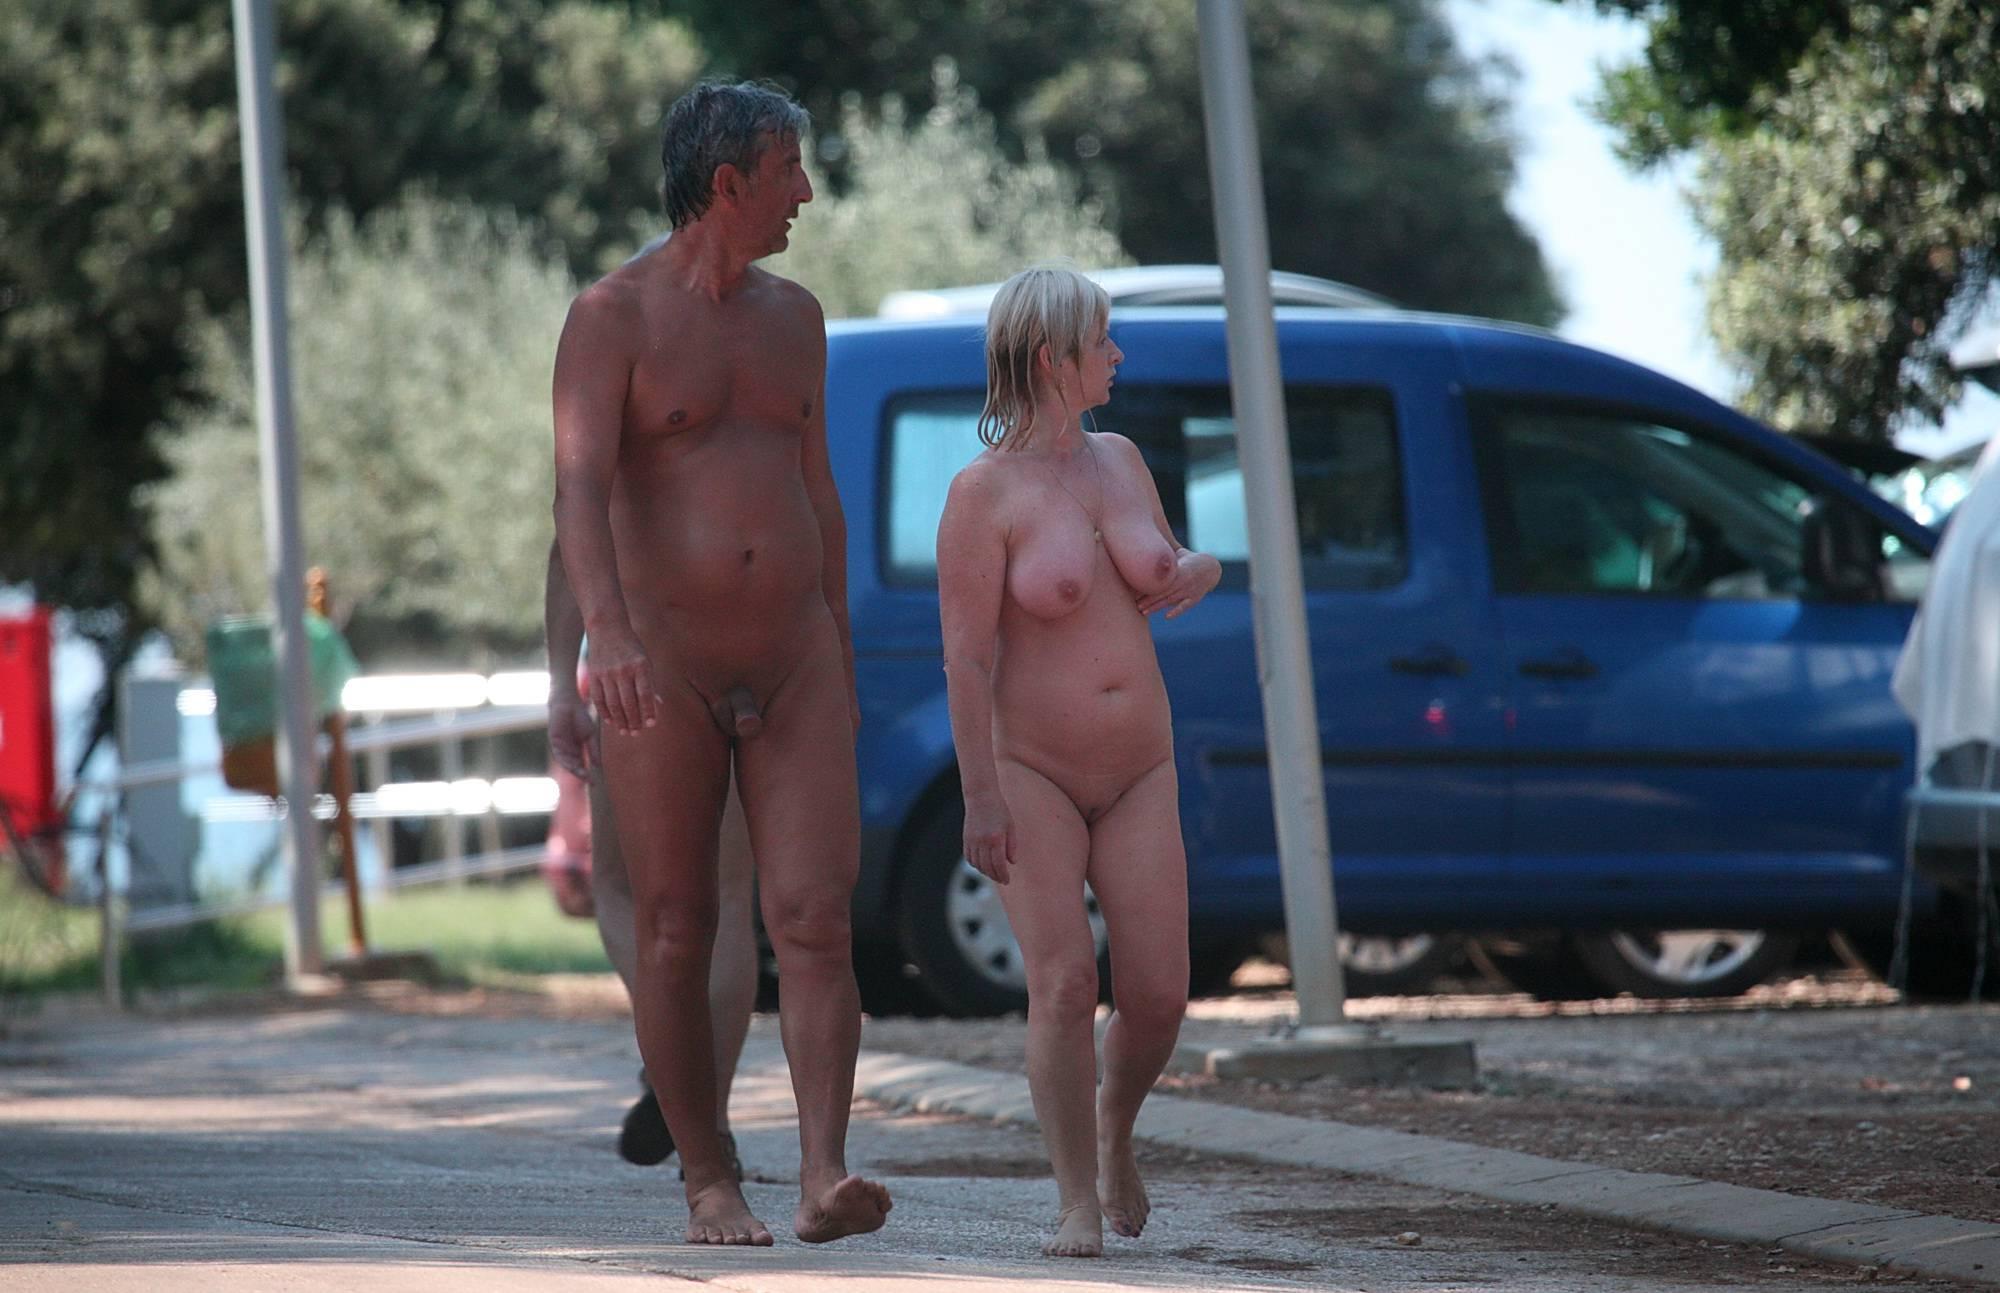 Nudist Pics More Aged Nudists Walks - 2